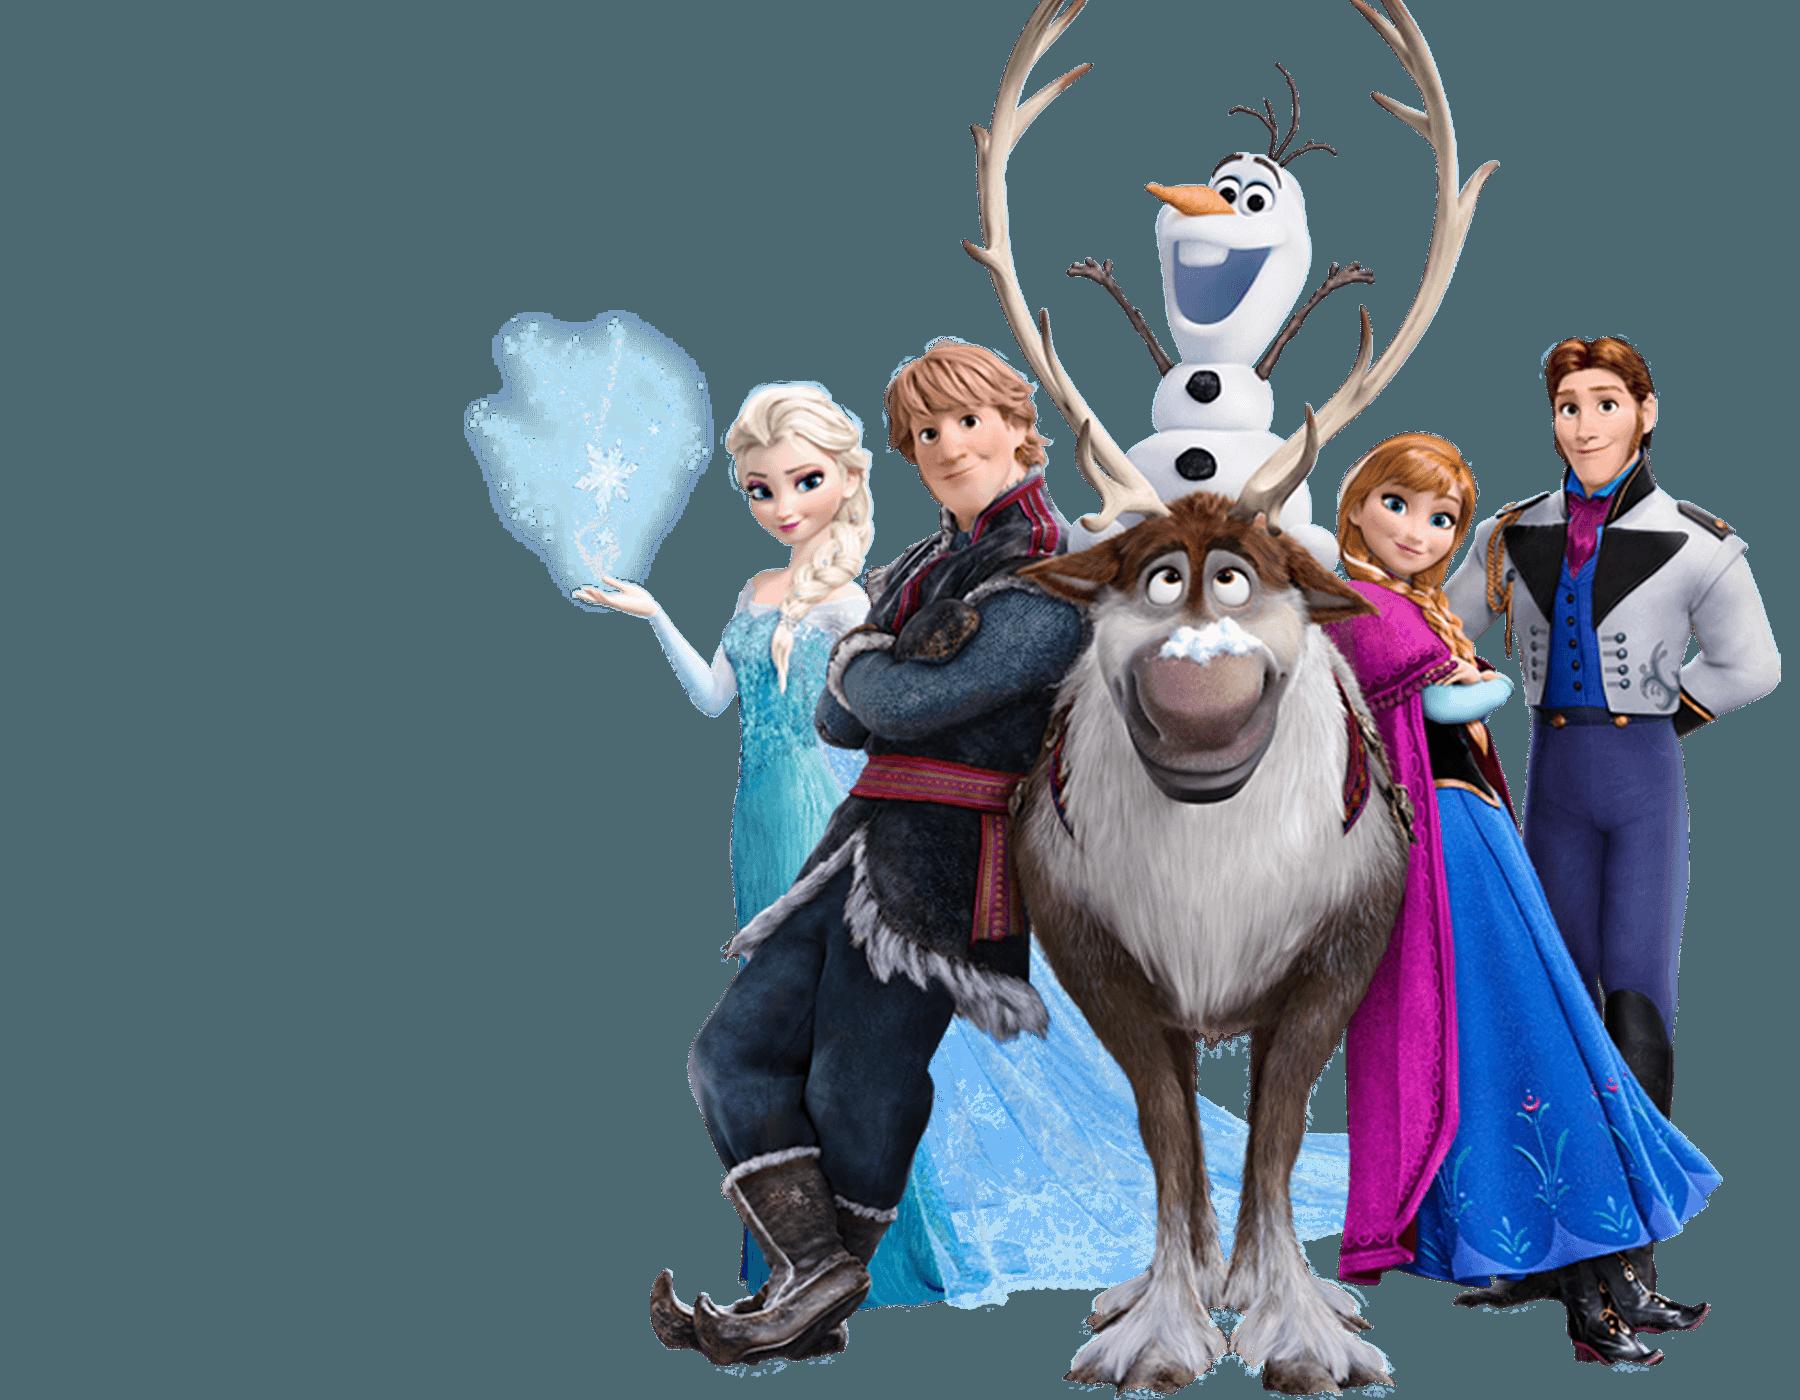 Frozen clipart frozen cast. Png transparent images pluspng